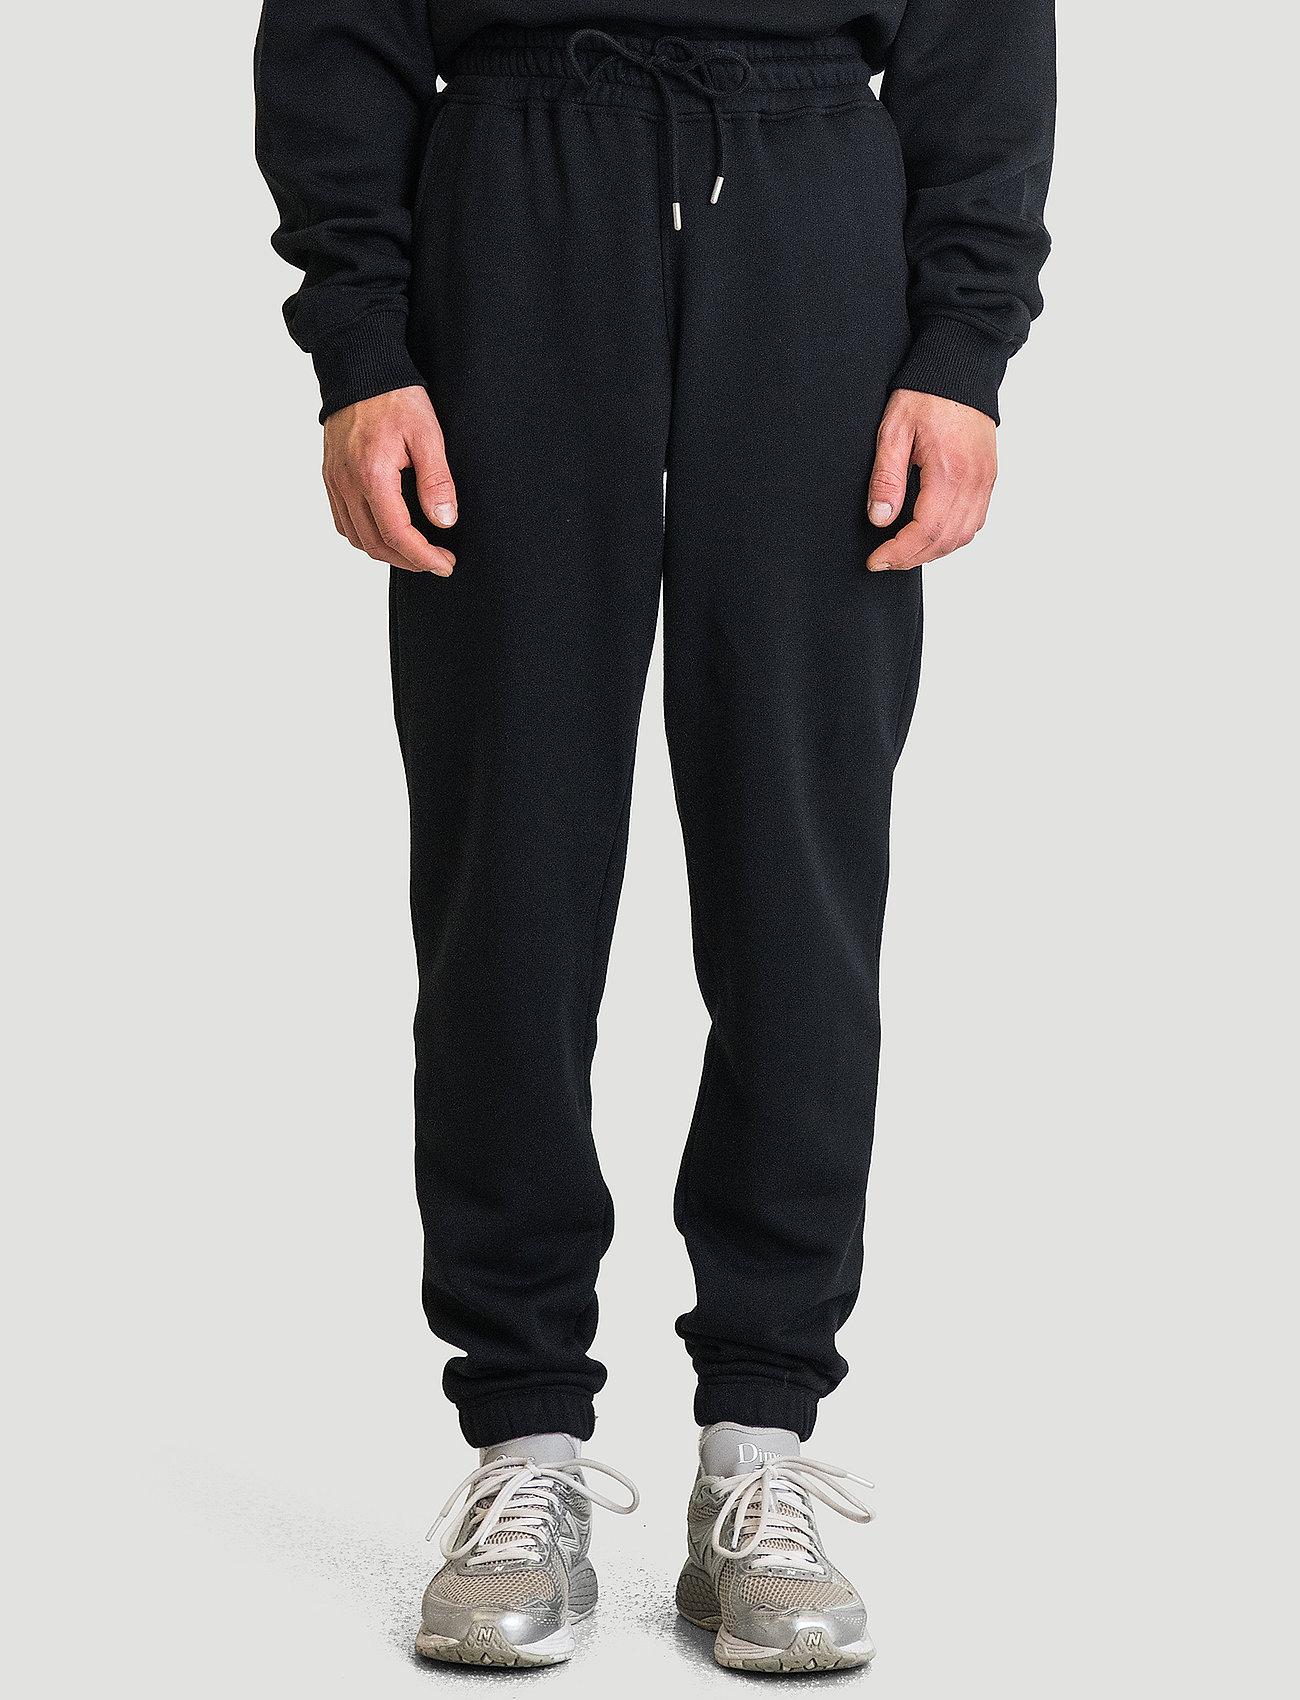 Hanger by Holzweiler - Hanger Trousers - neue mode - black - 3